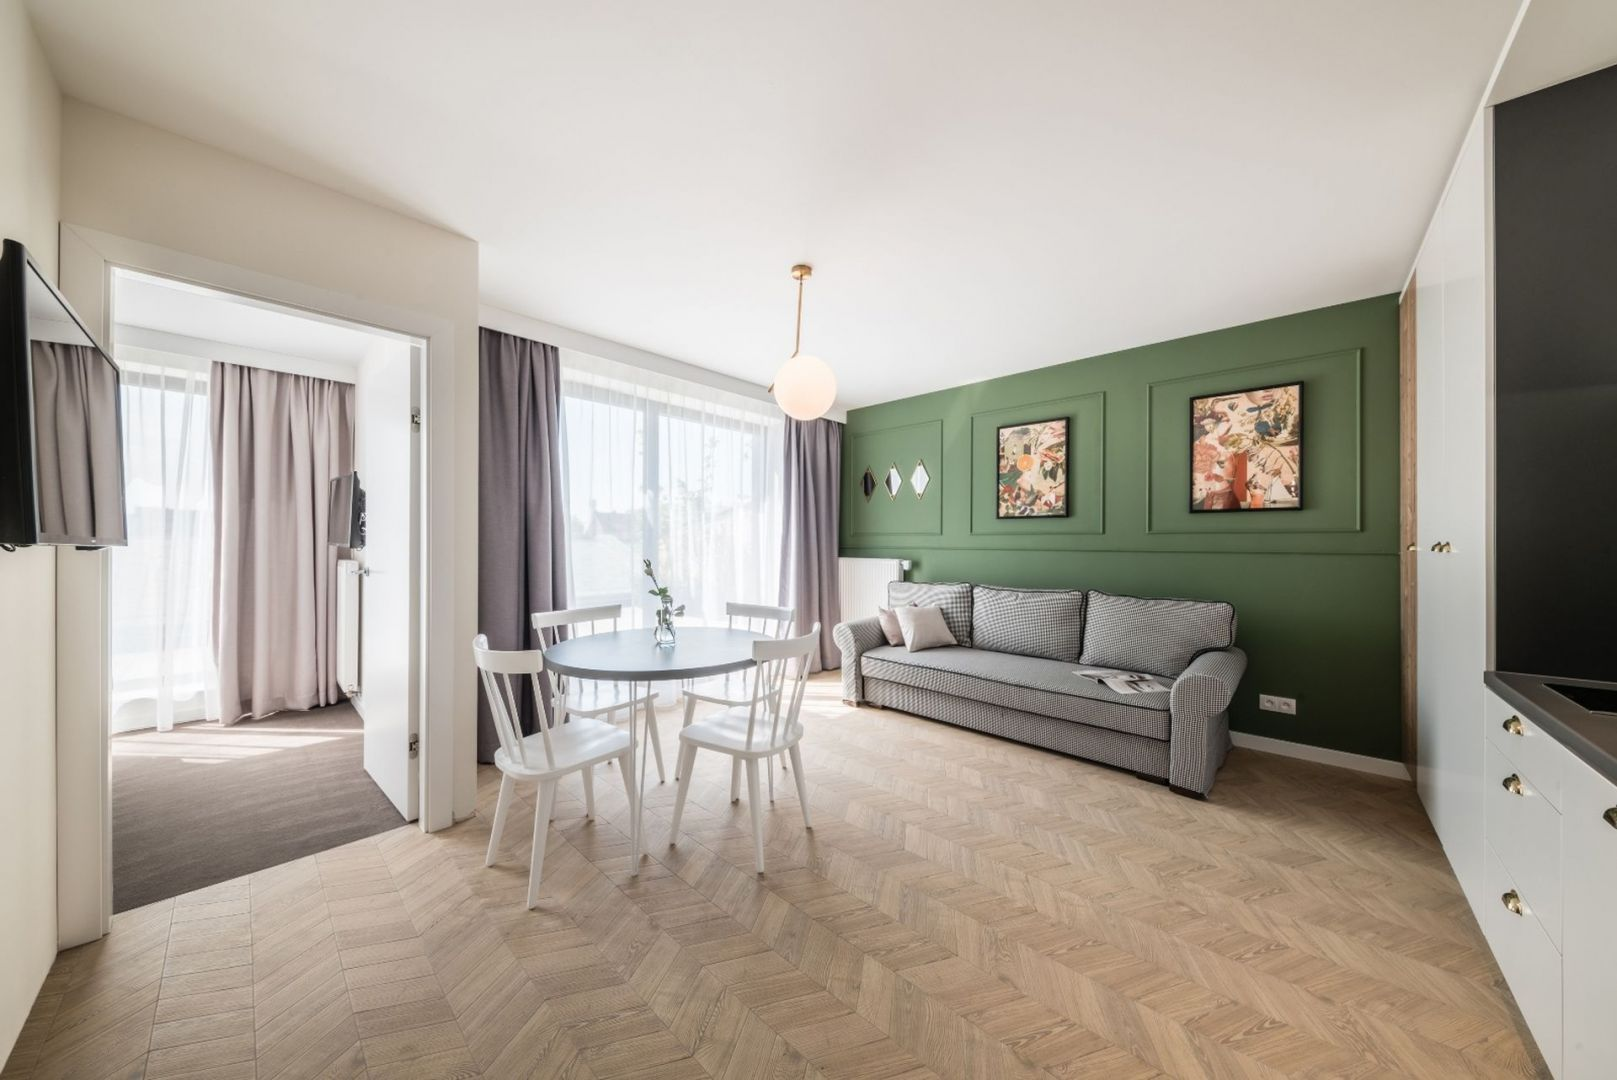 Sofa w pepitkę we wnętrzu zaaranżowanym w stylu art deco. Projekt wnętrza: Grid Studio Projektowe. Fot. Paweł Ulatowski